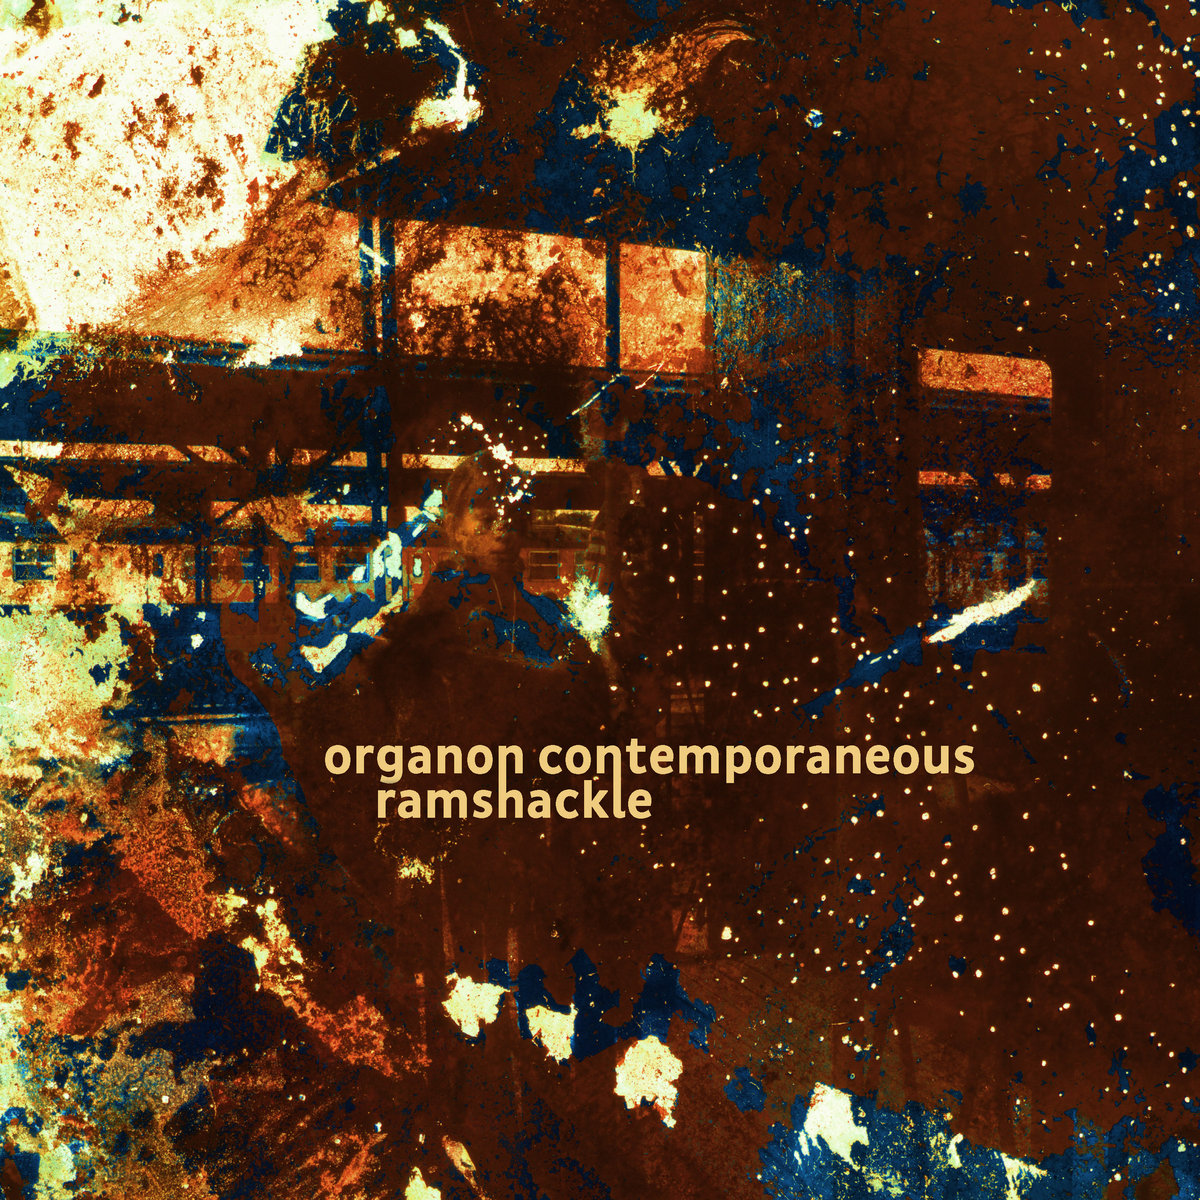 organon contemporaneous – ramshackle